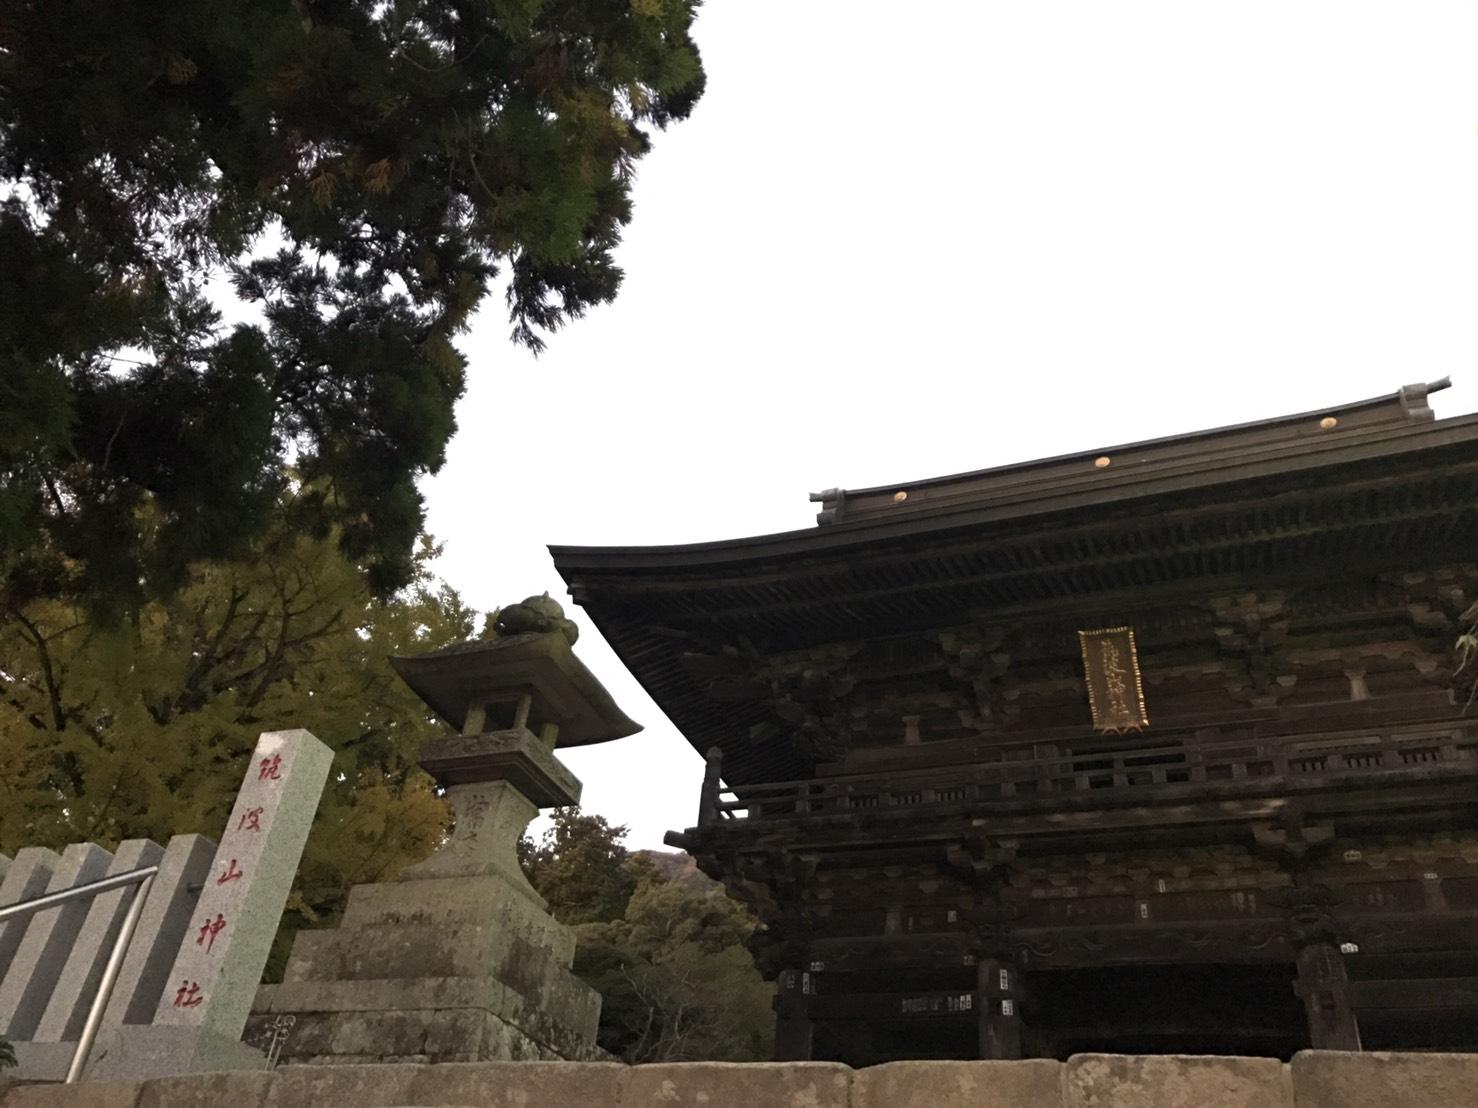 つくば 水戸 神社挙式 結婚式 神前式 和婚